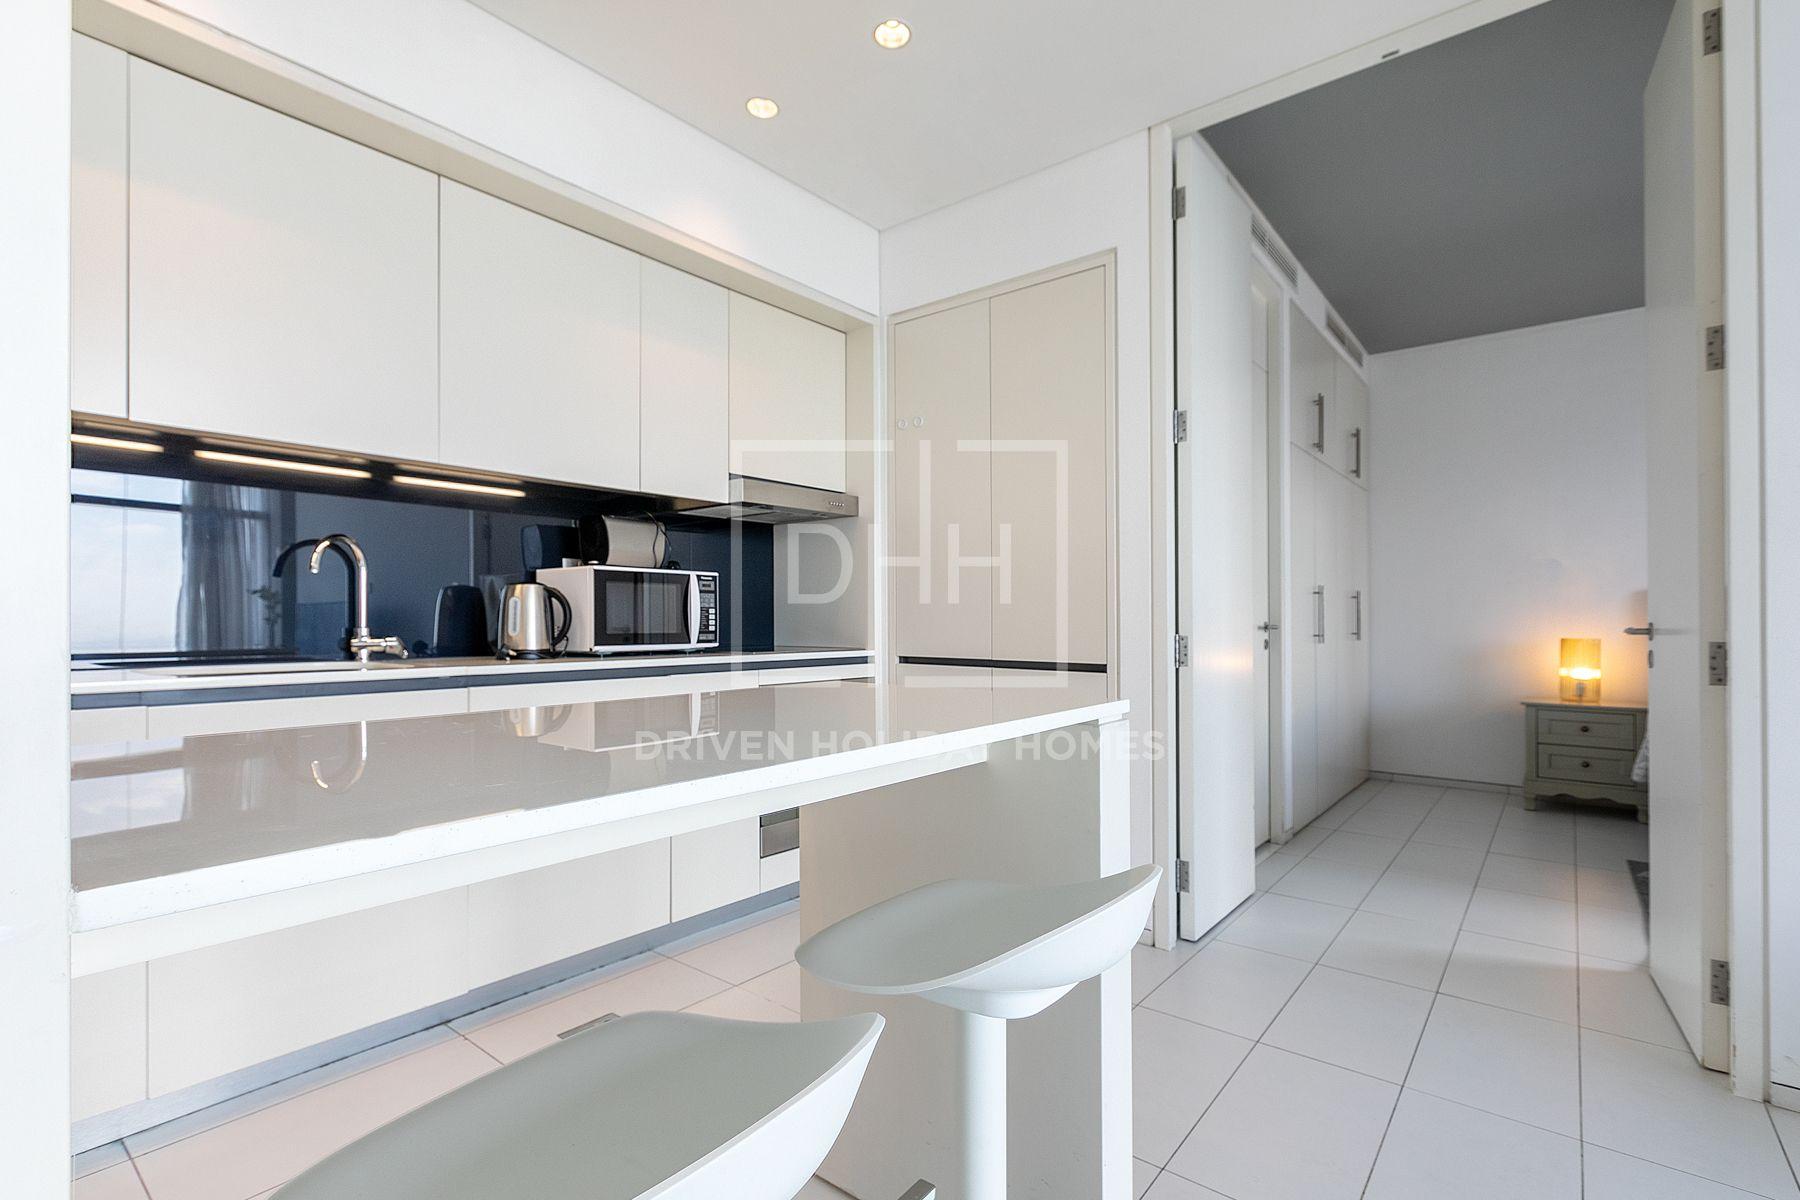 للايجار - شقة - برج إندكس - مركز دبي المالي العالمي